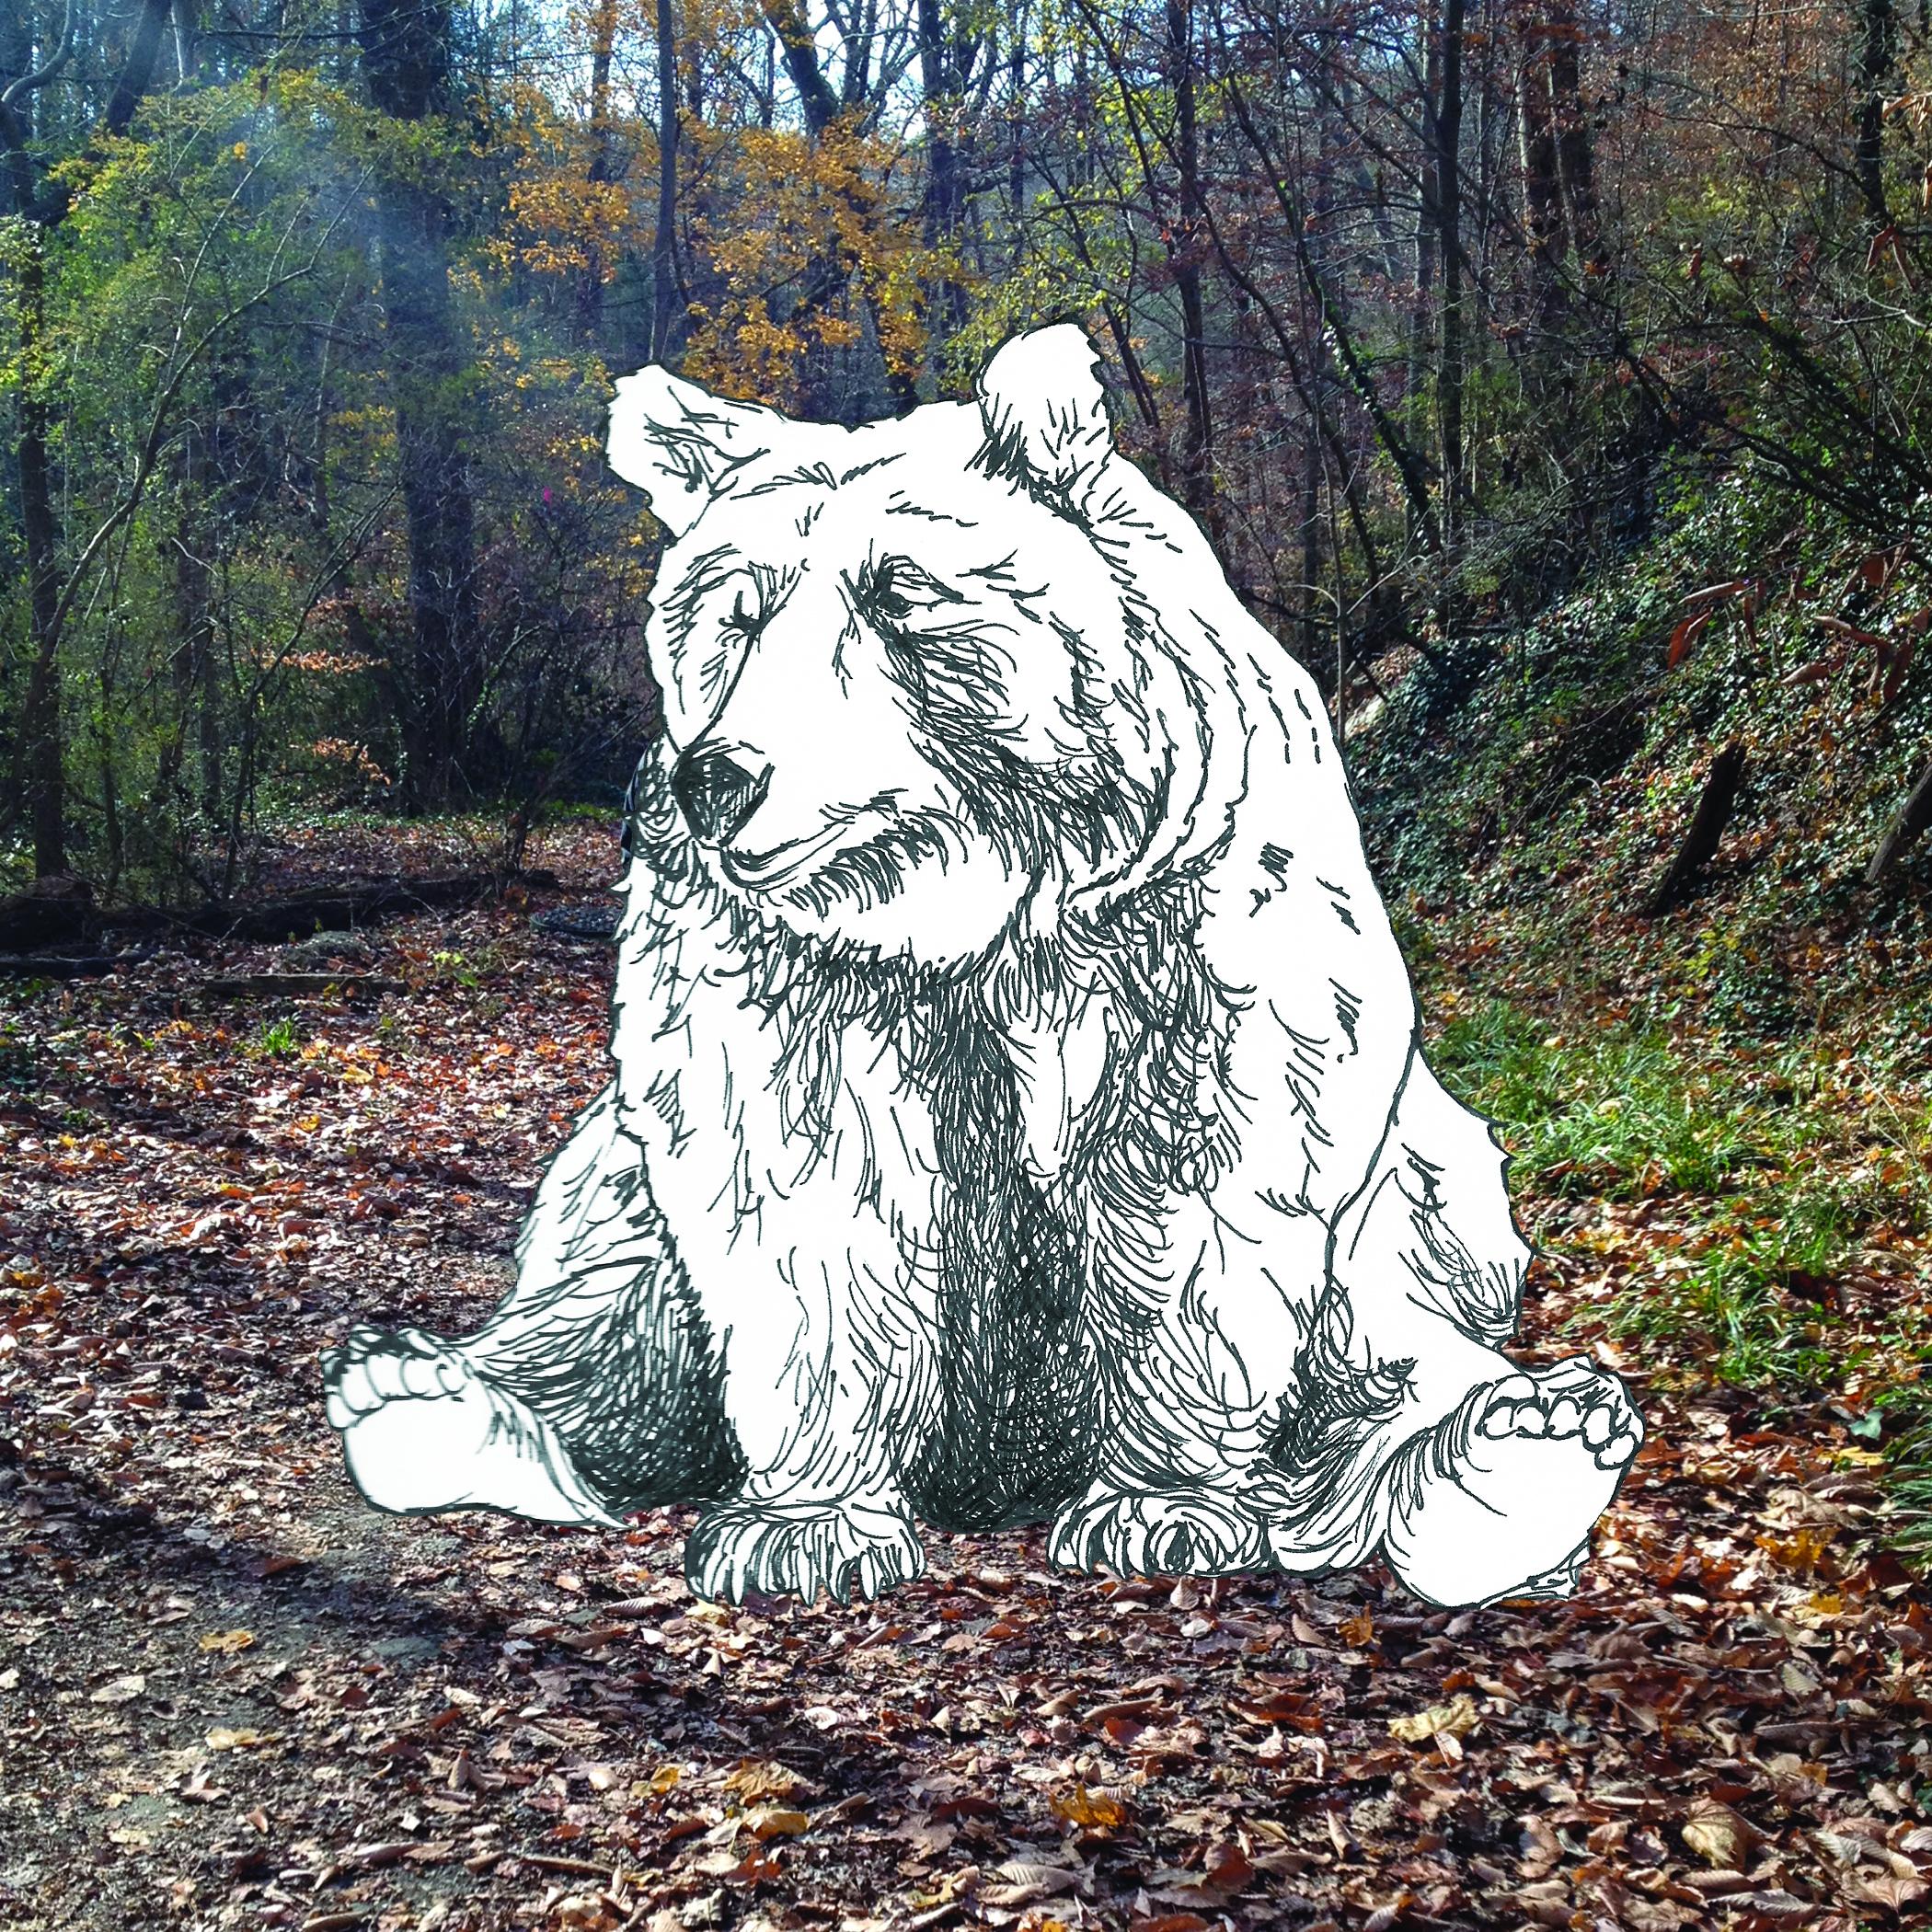 Chestnut the bear